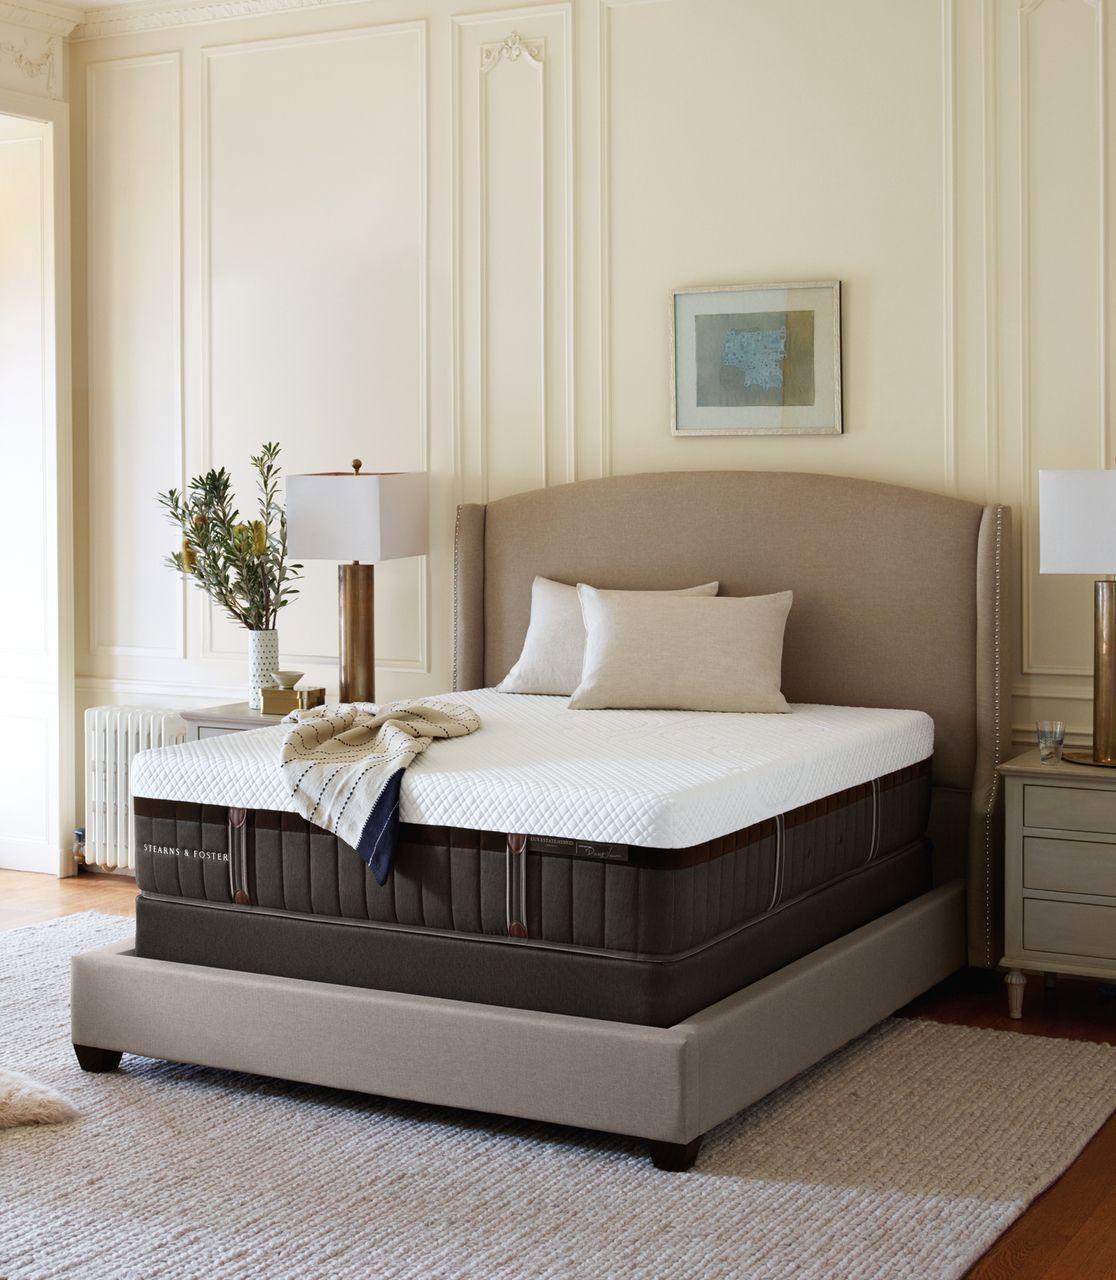 Stearns Foster Cassatt Lux Estate Luxury Firm Euro Pillowtop Mattress Free Visa 200 Gift Card Stearns And Foster Mattress Adjustable Beds Firm Mattress